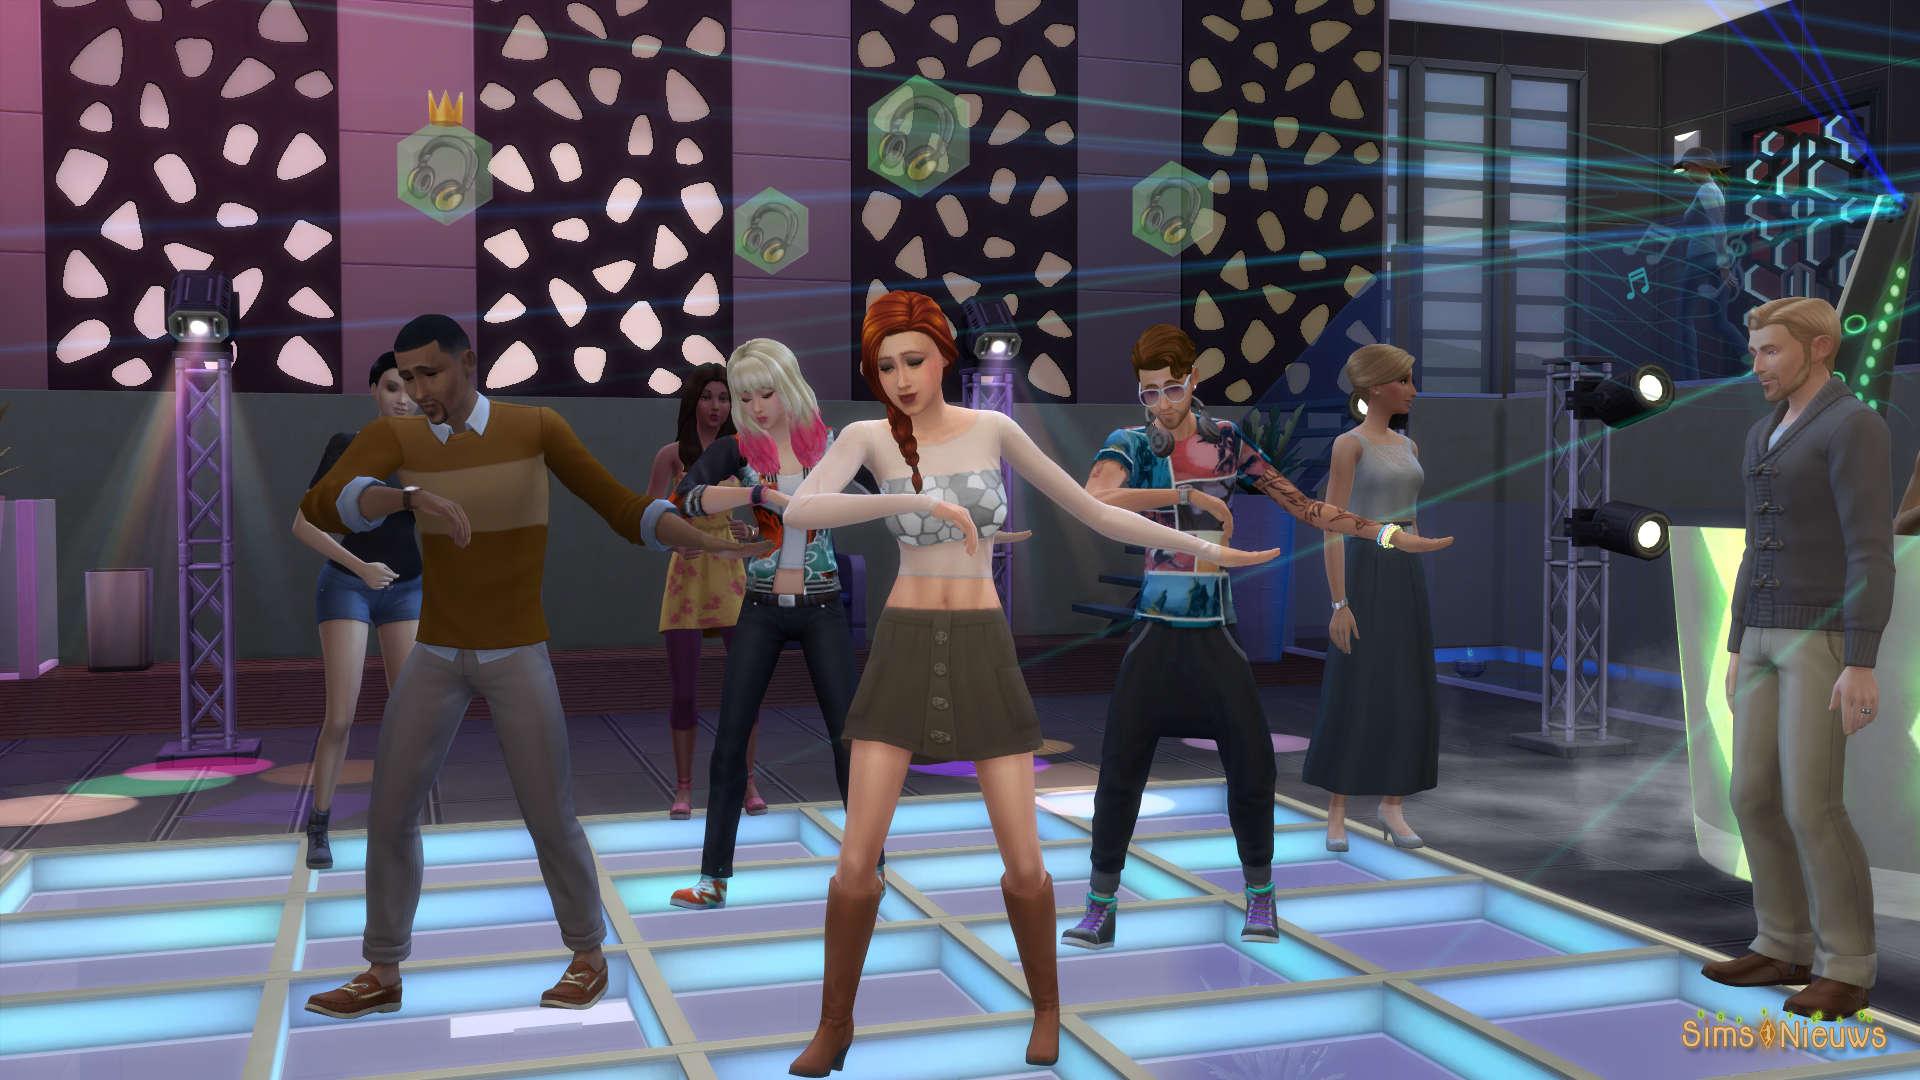 De Sims 4 Beleef het Samen: Clubs